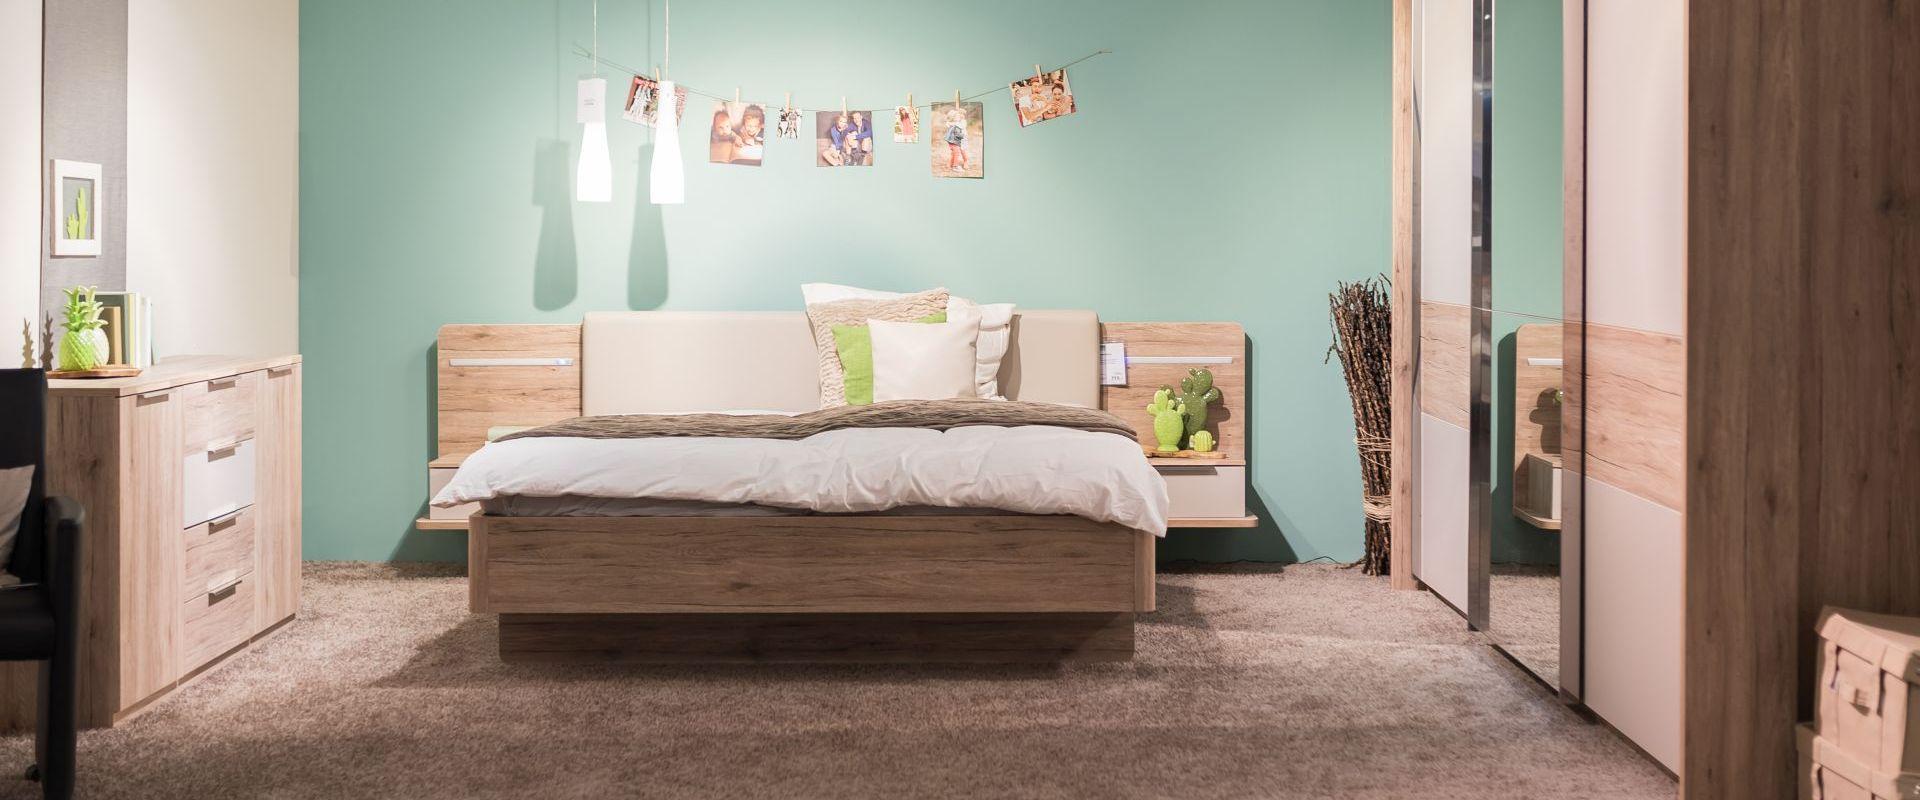 Schlafzimmer-Sets kaufen in Obernburg - spilger.de